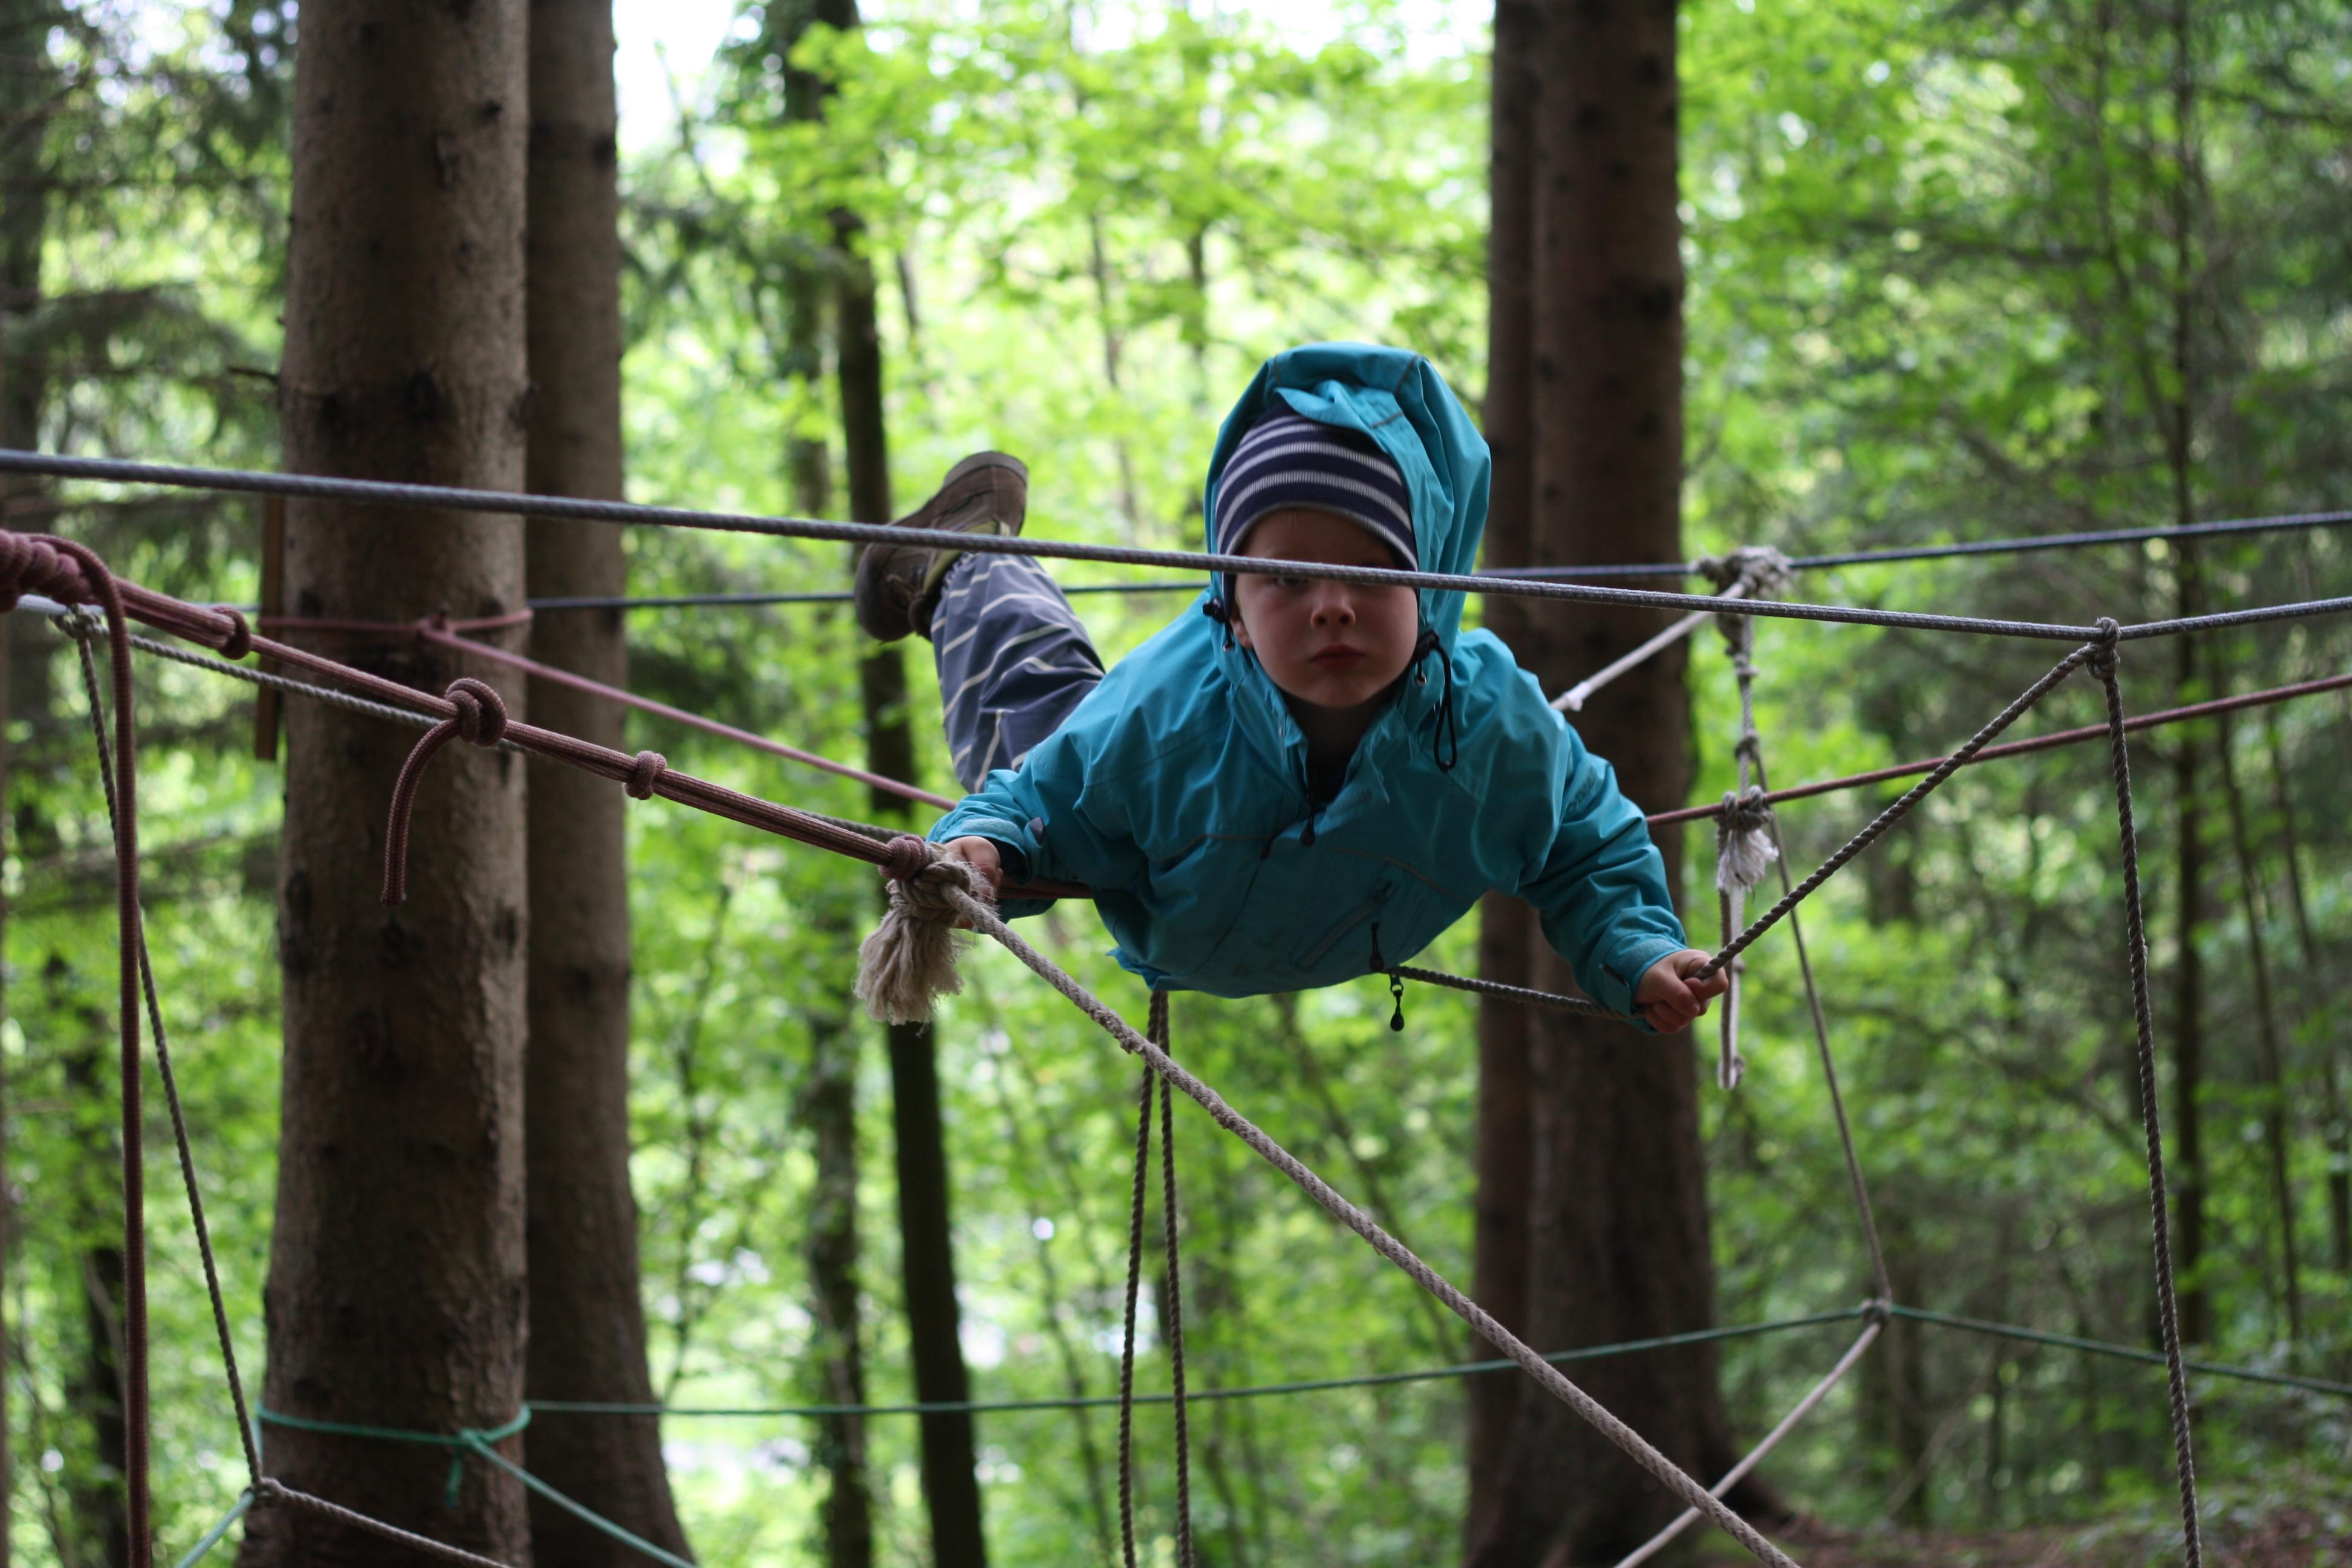 Học mẫu giáo... trong rừng: Không tốn giấy mực, không lo điểm số